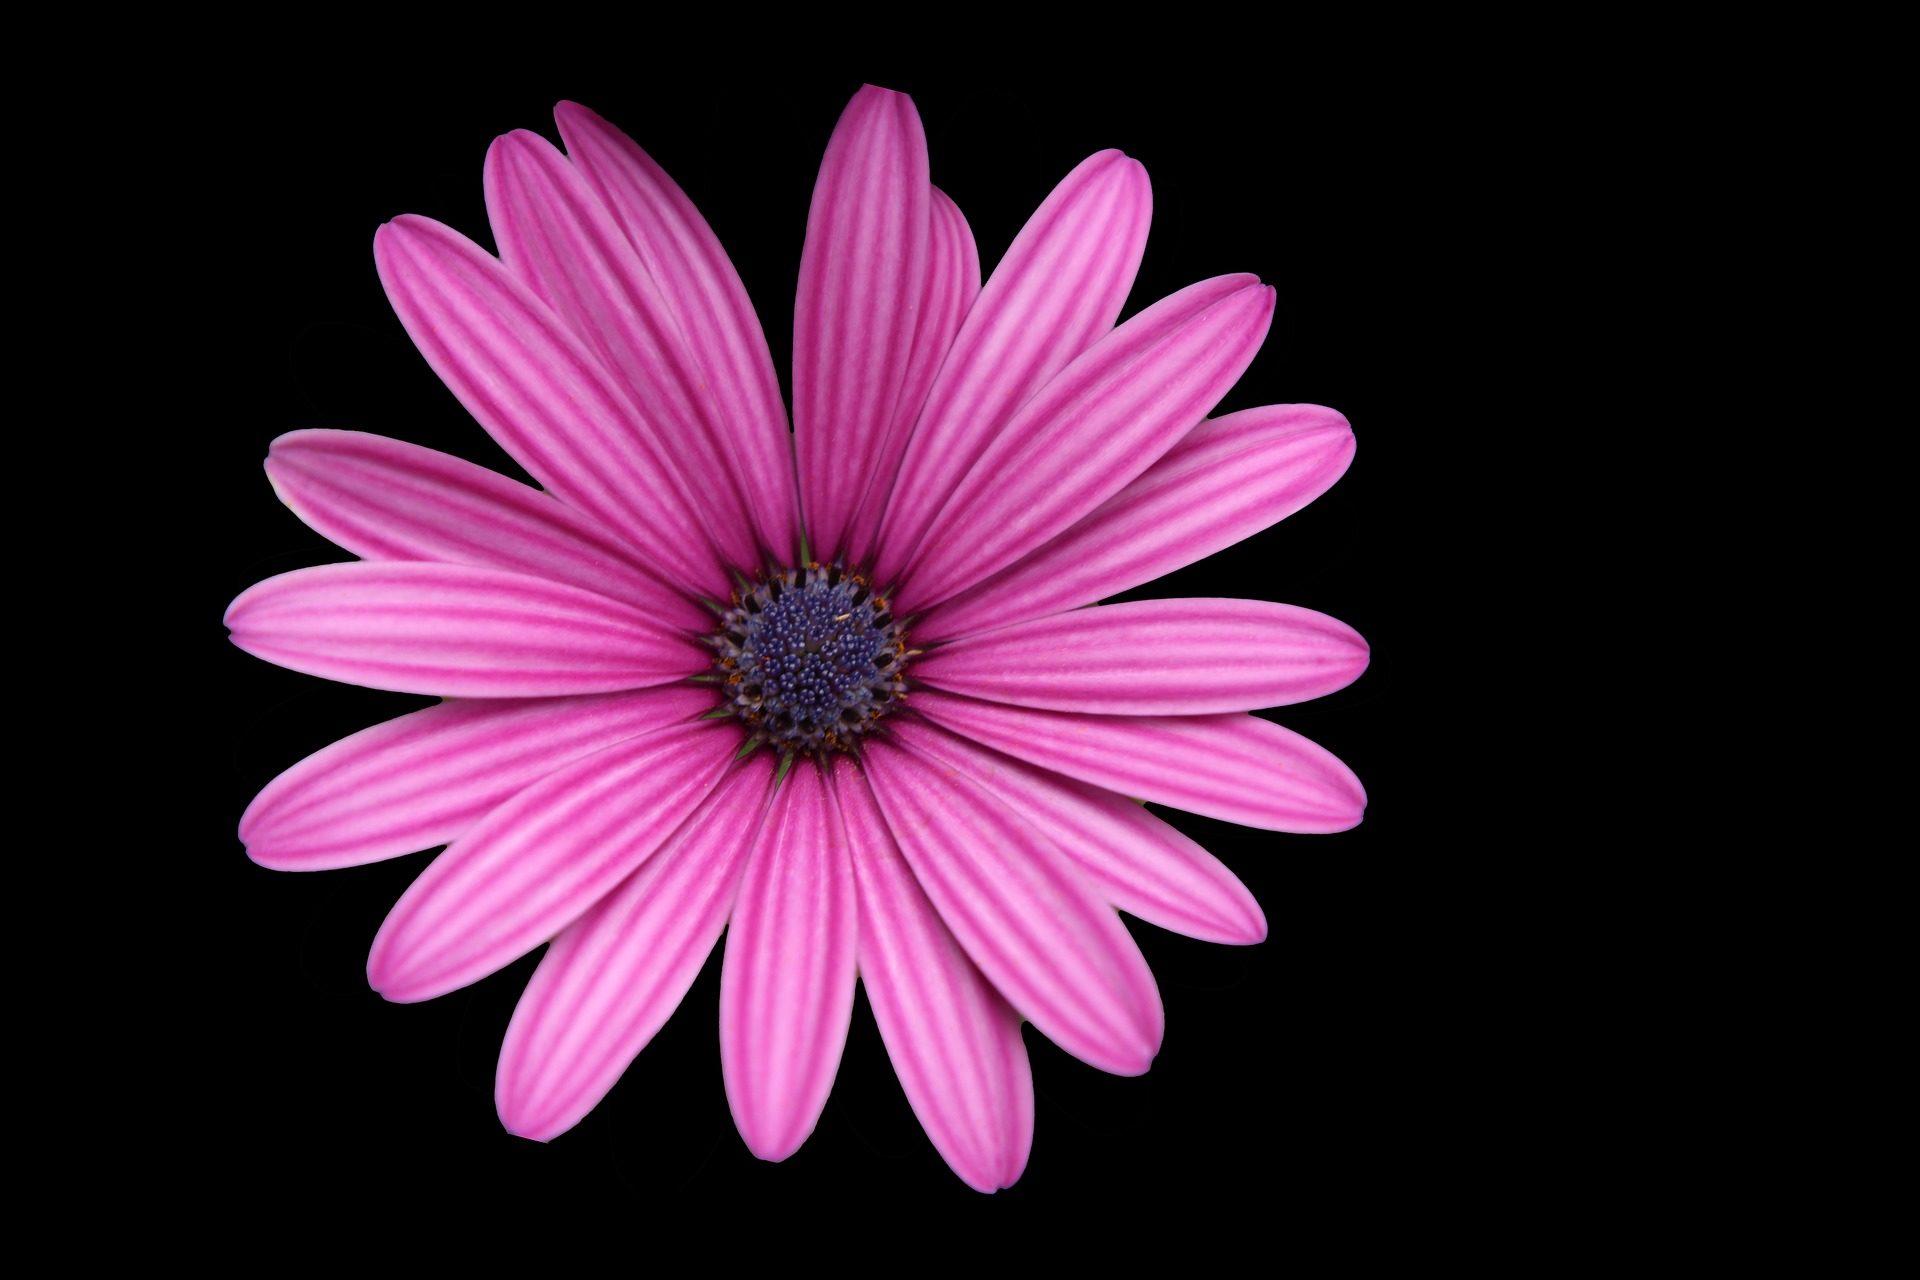 Fondos De Pantalla Rosa: Pin Petalos-en-forma-de-rosa-fondos-pantalla-escritorio On